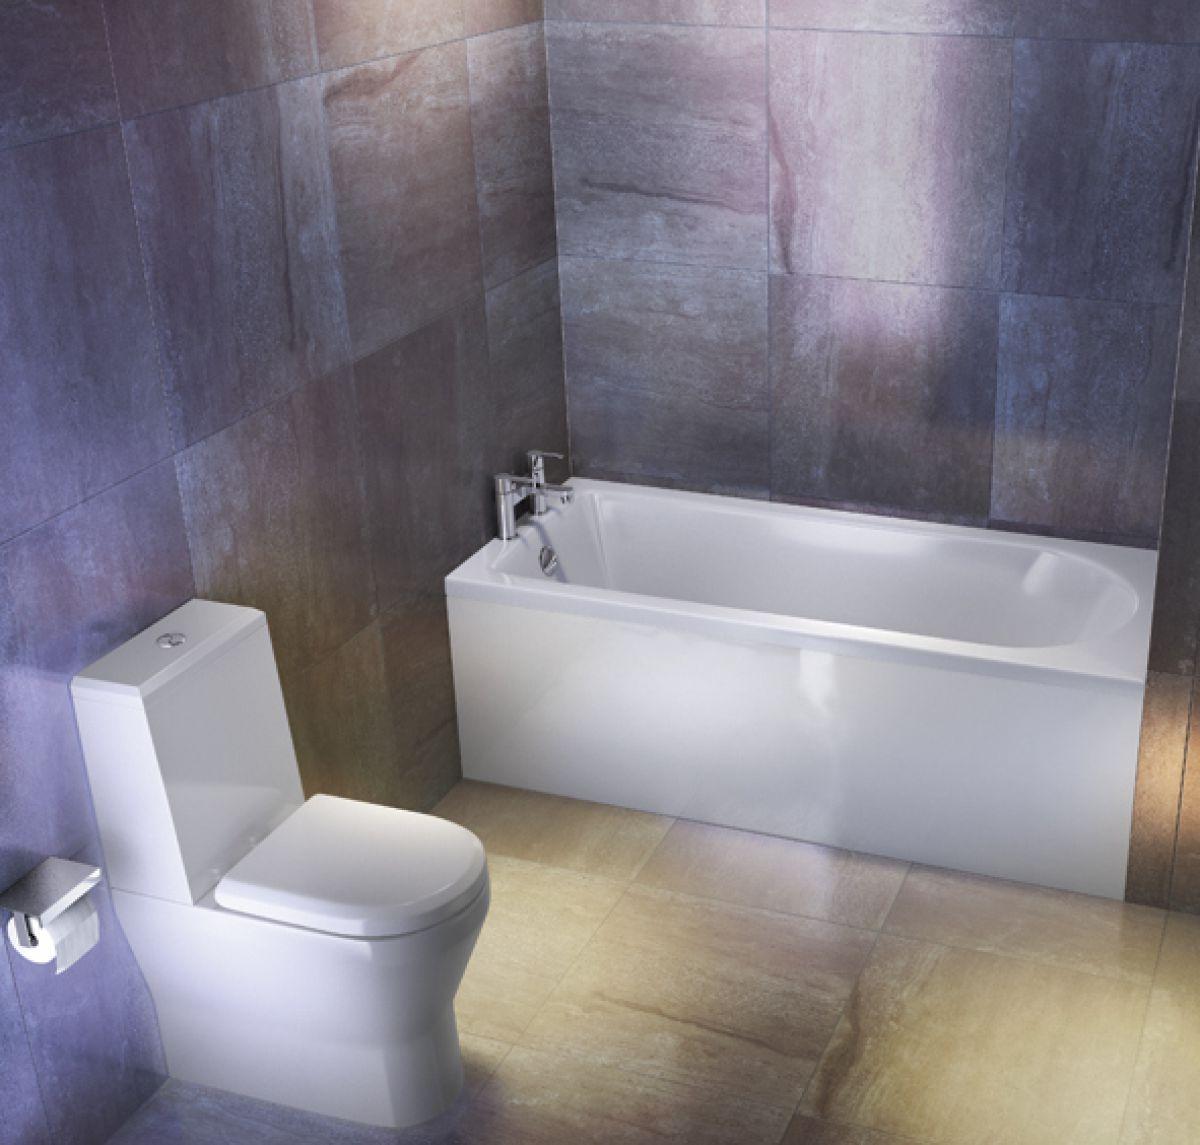 Single baden-baden